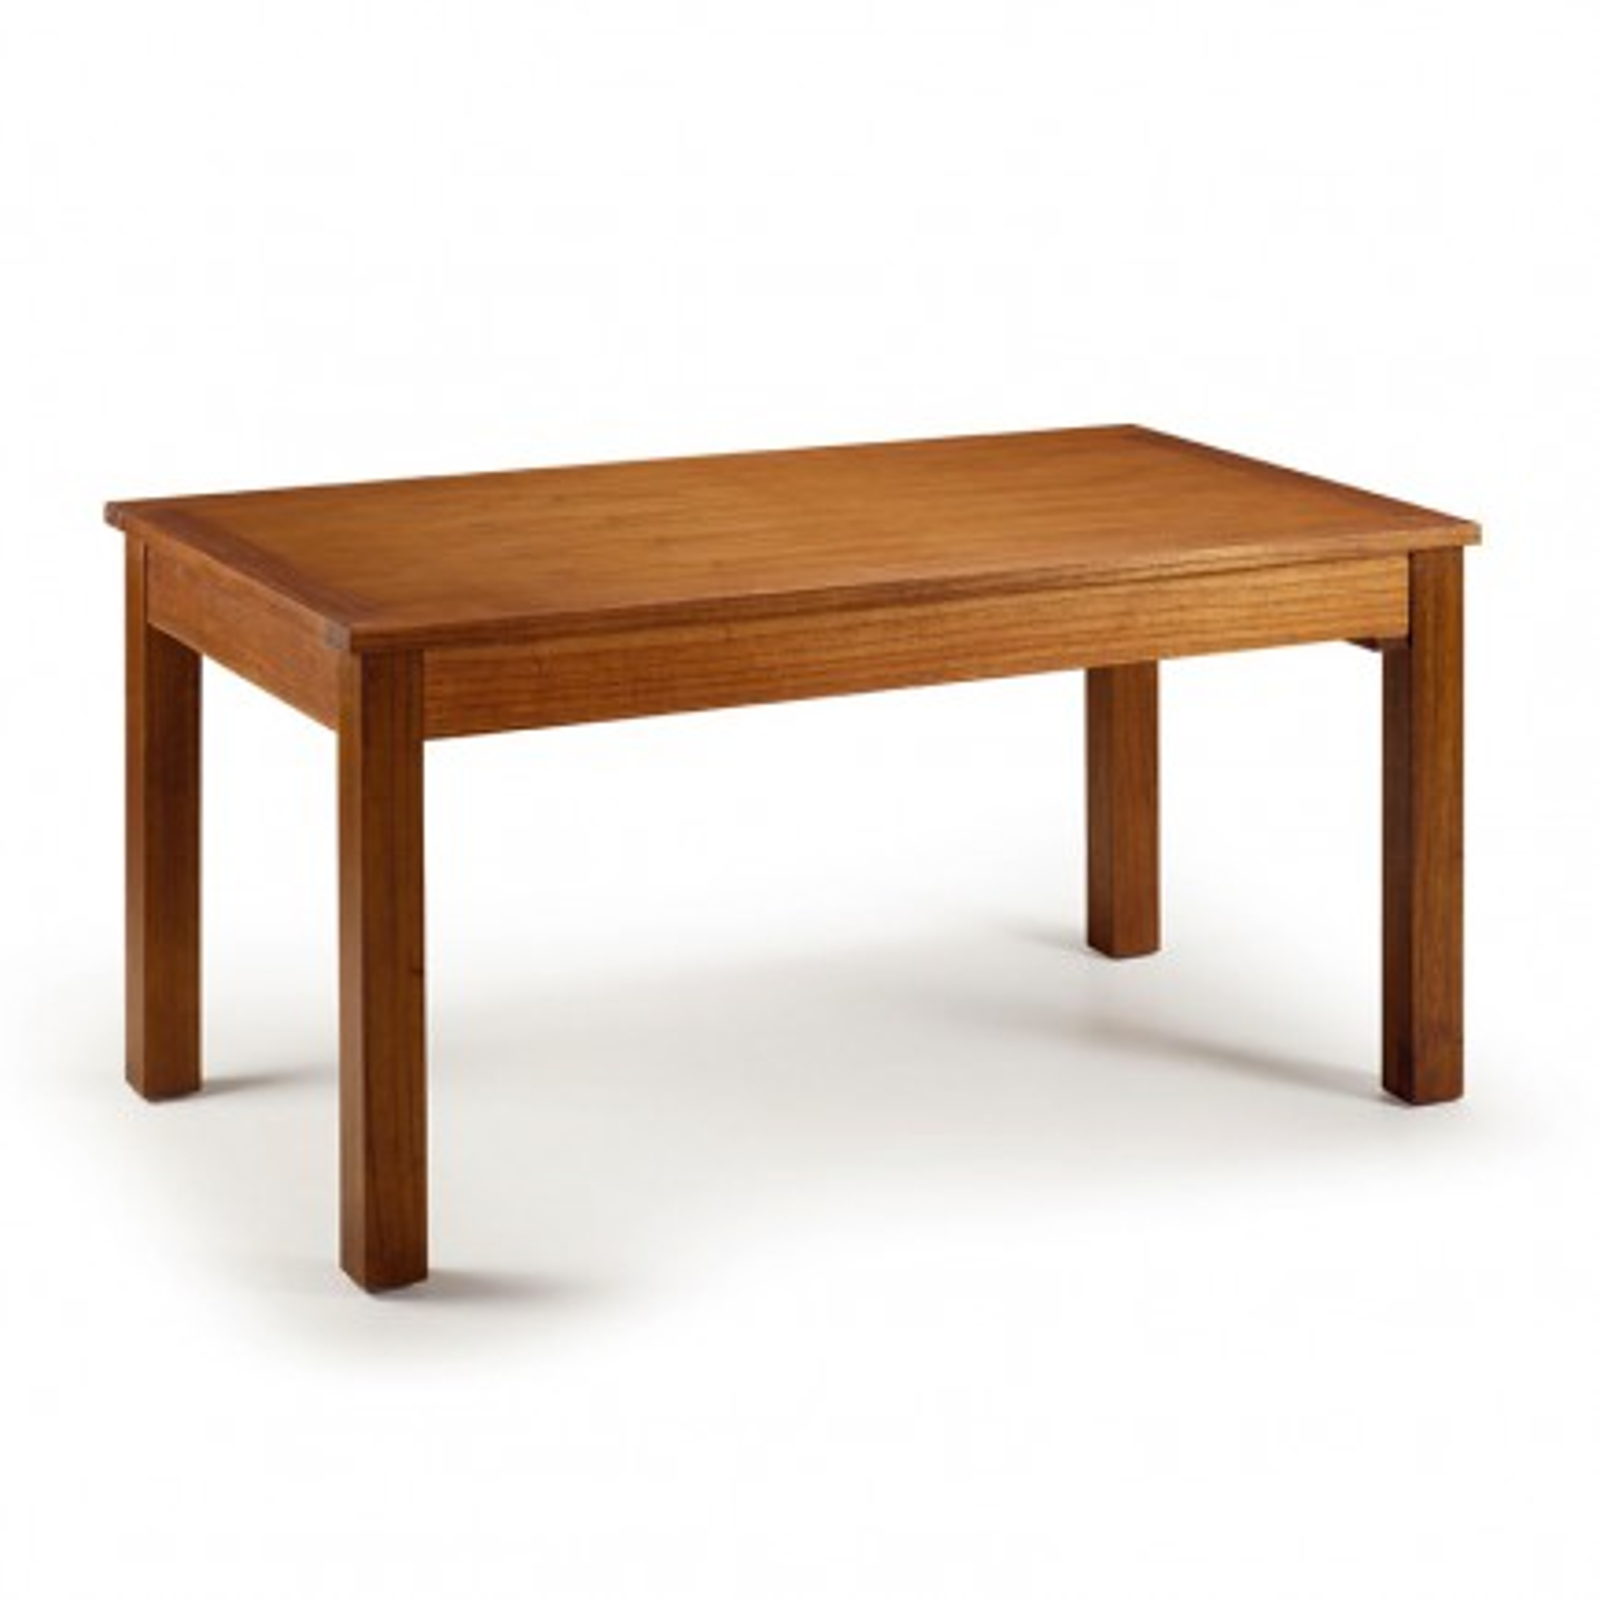 Table De Repas Rectangulaire Rallonges Tali Mindy - meuble bois exotique